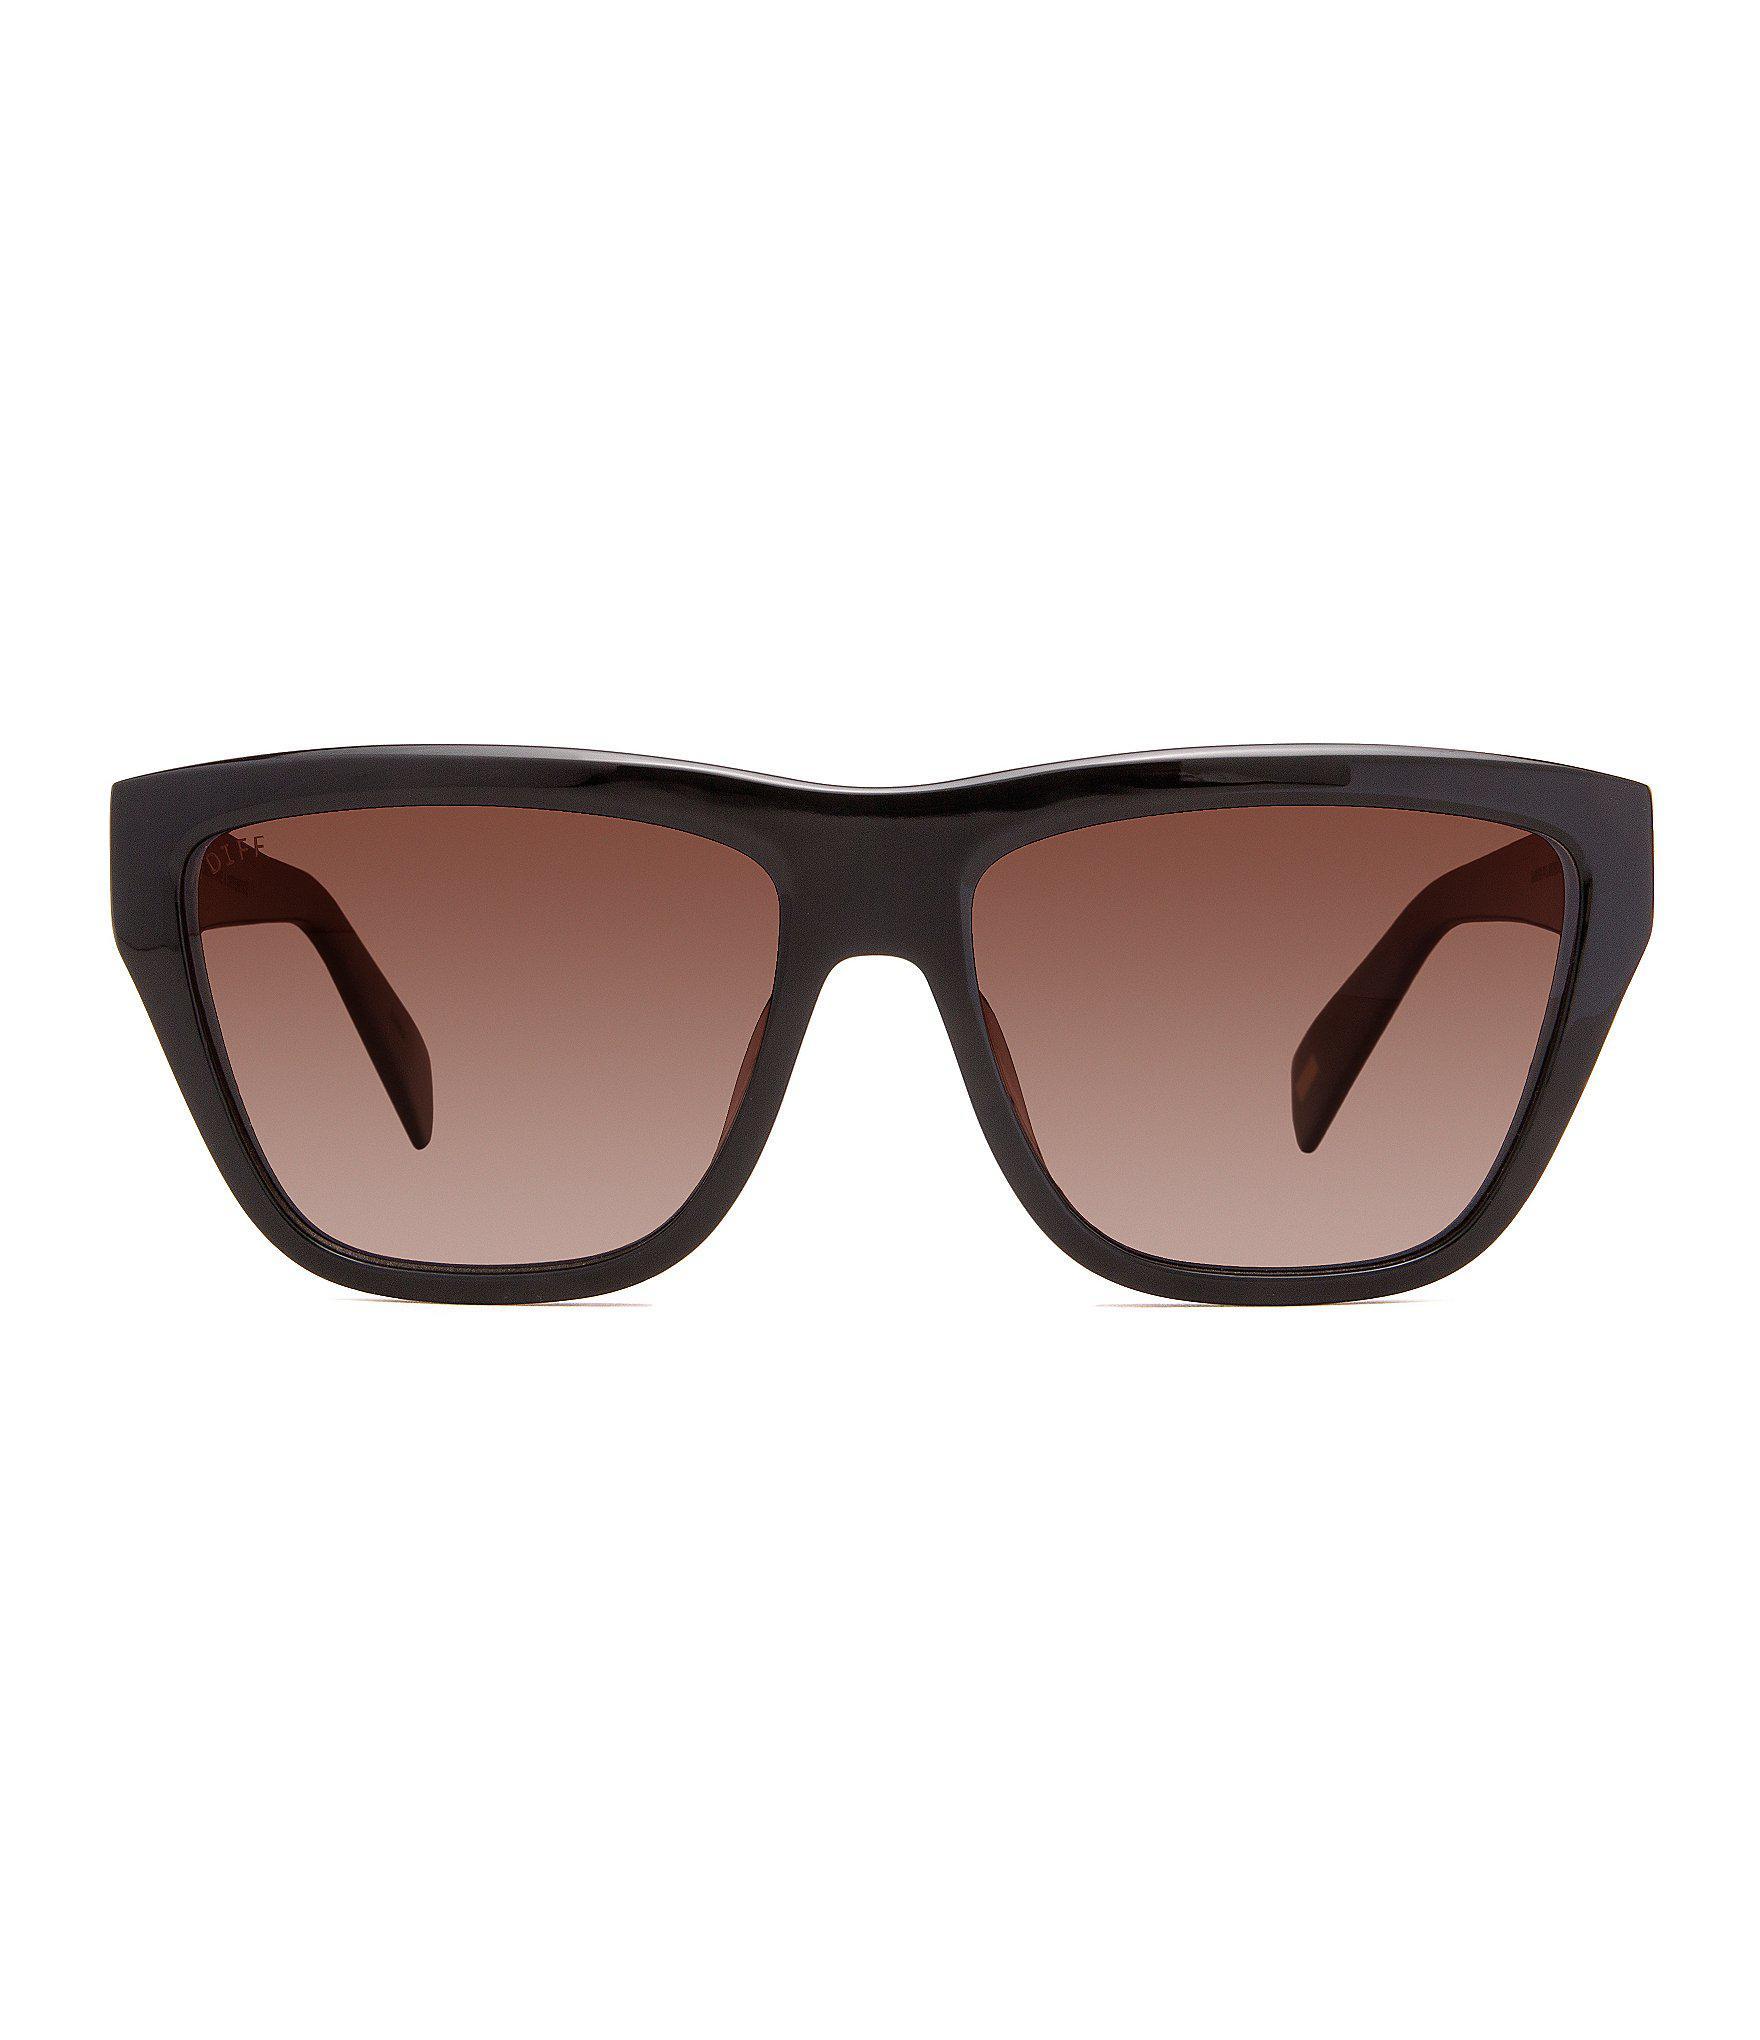 4784ad8a6b Lyst - DIFF Harper Polarized Sunglasses in Black